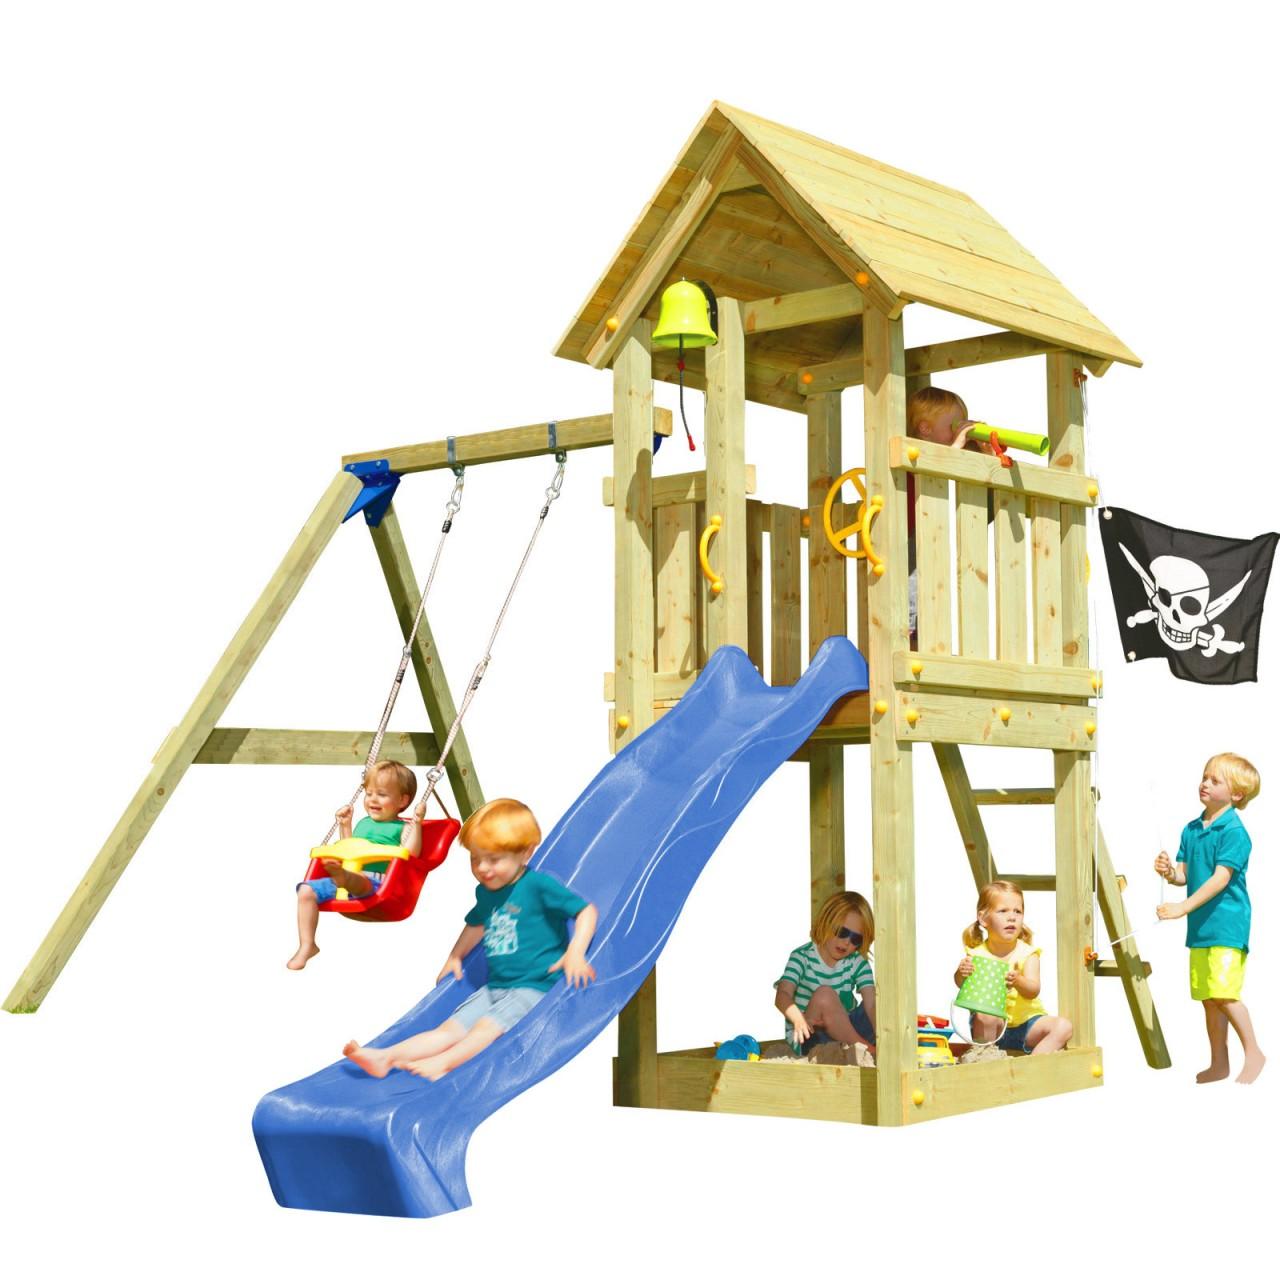 Spielturm KIOSK mit Rutsche + Babyschaukel Blau